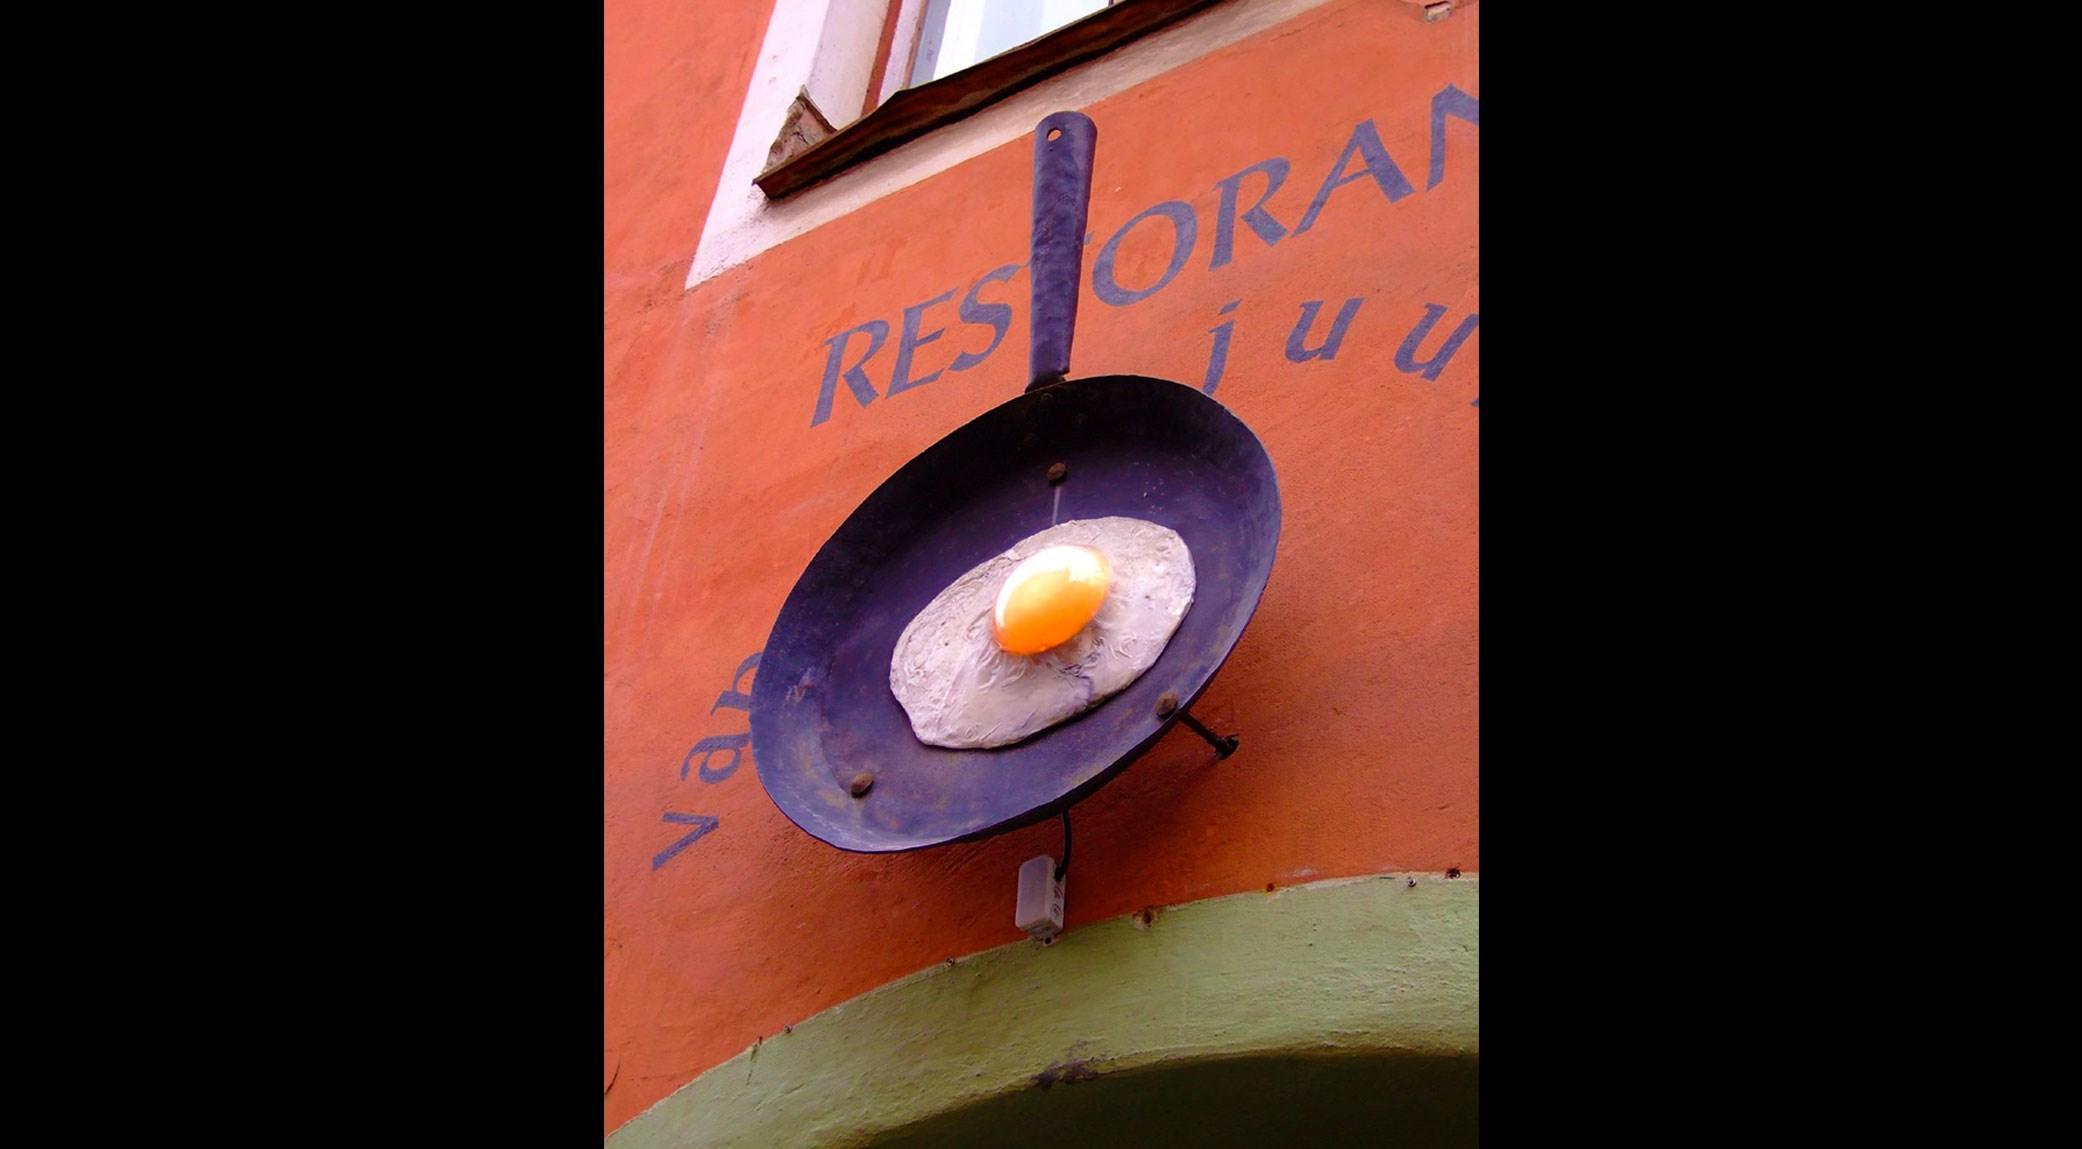 Food in the City: les enseignes inspirées par la gastronomie - 1